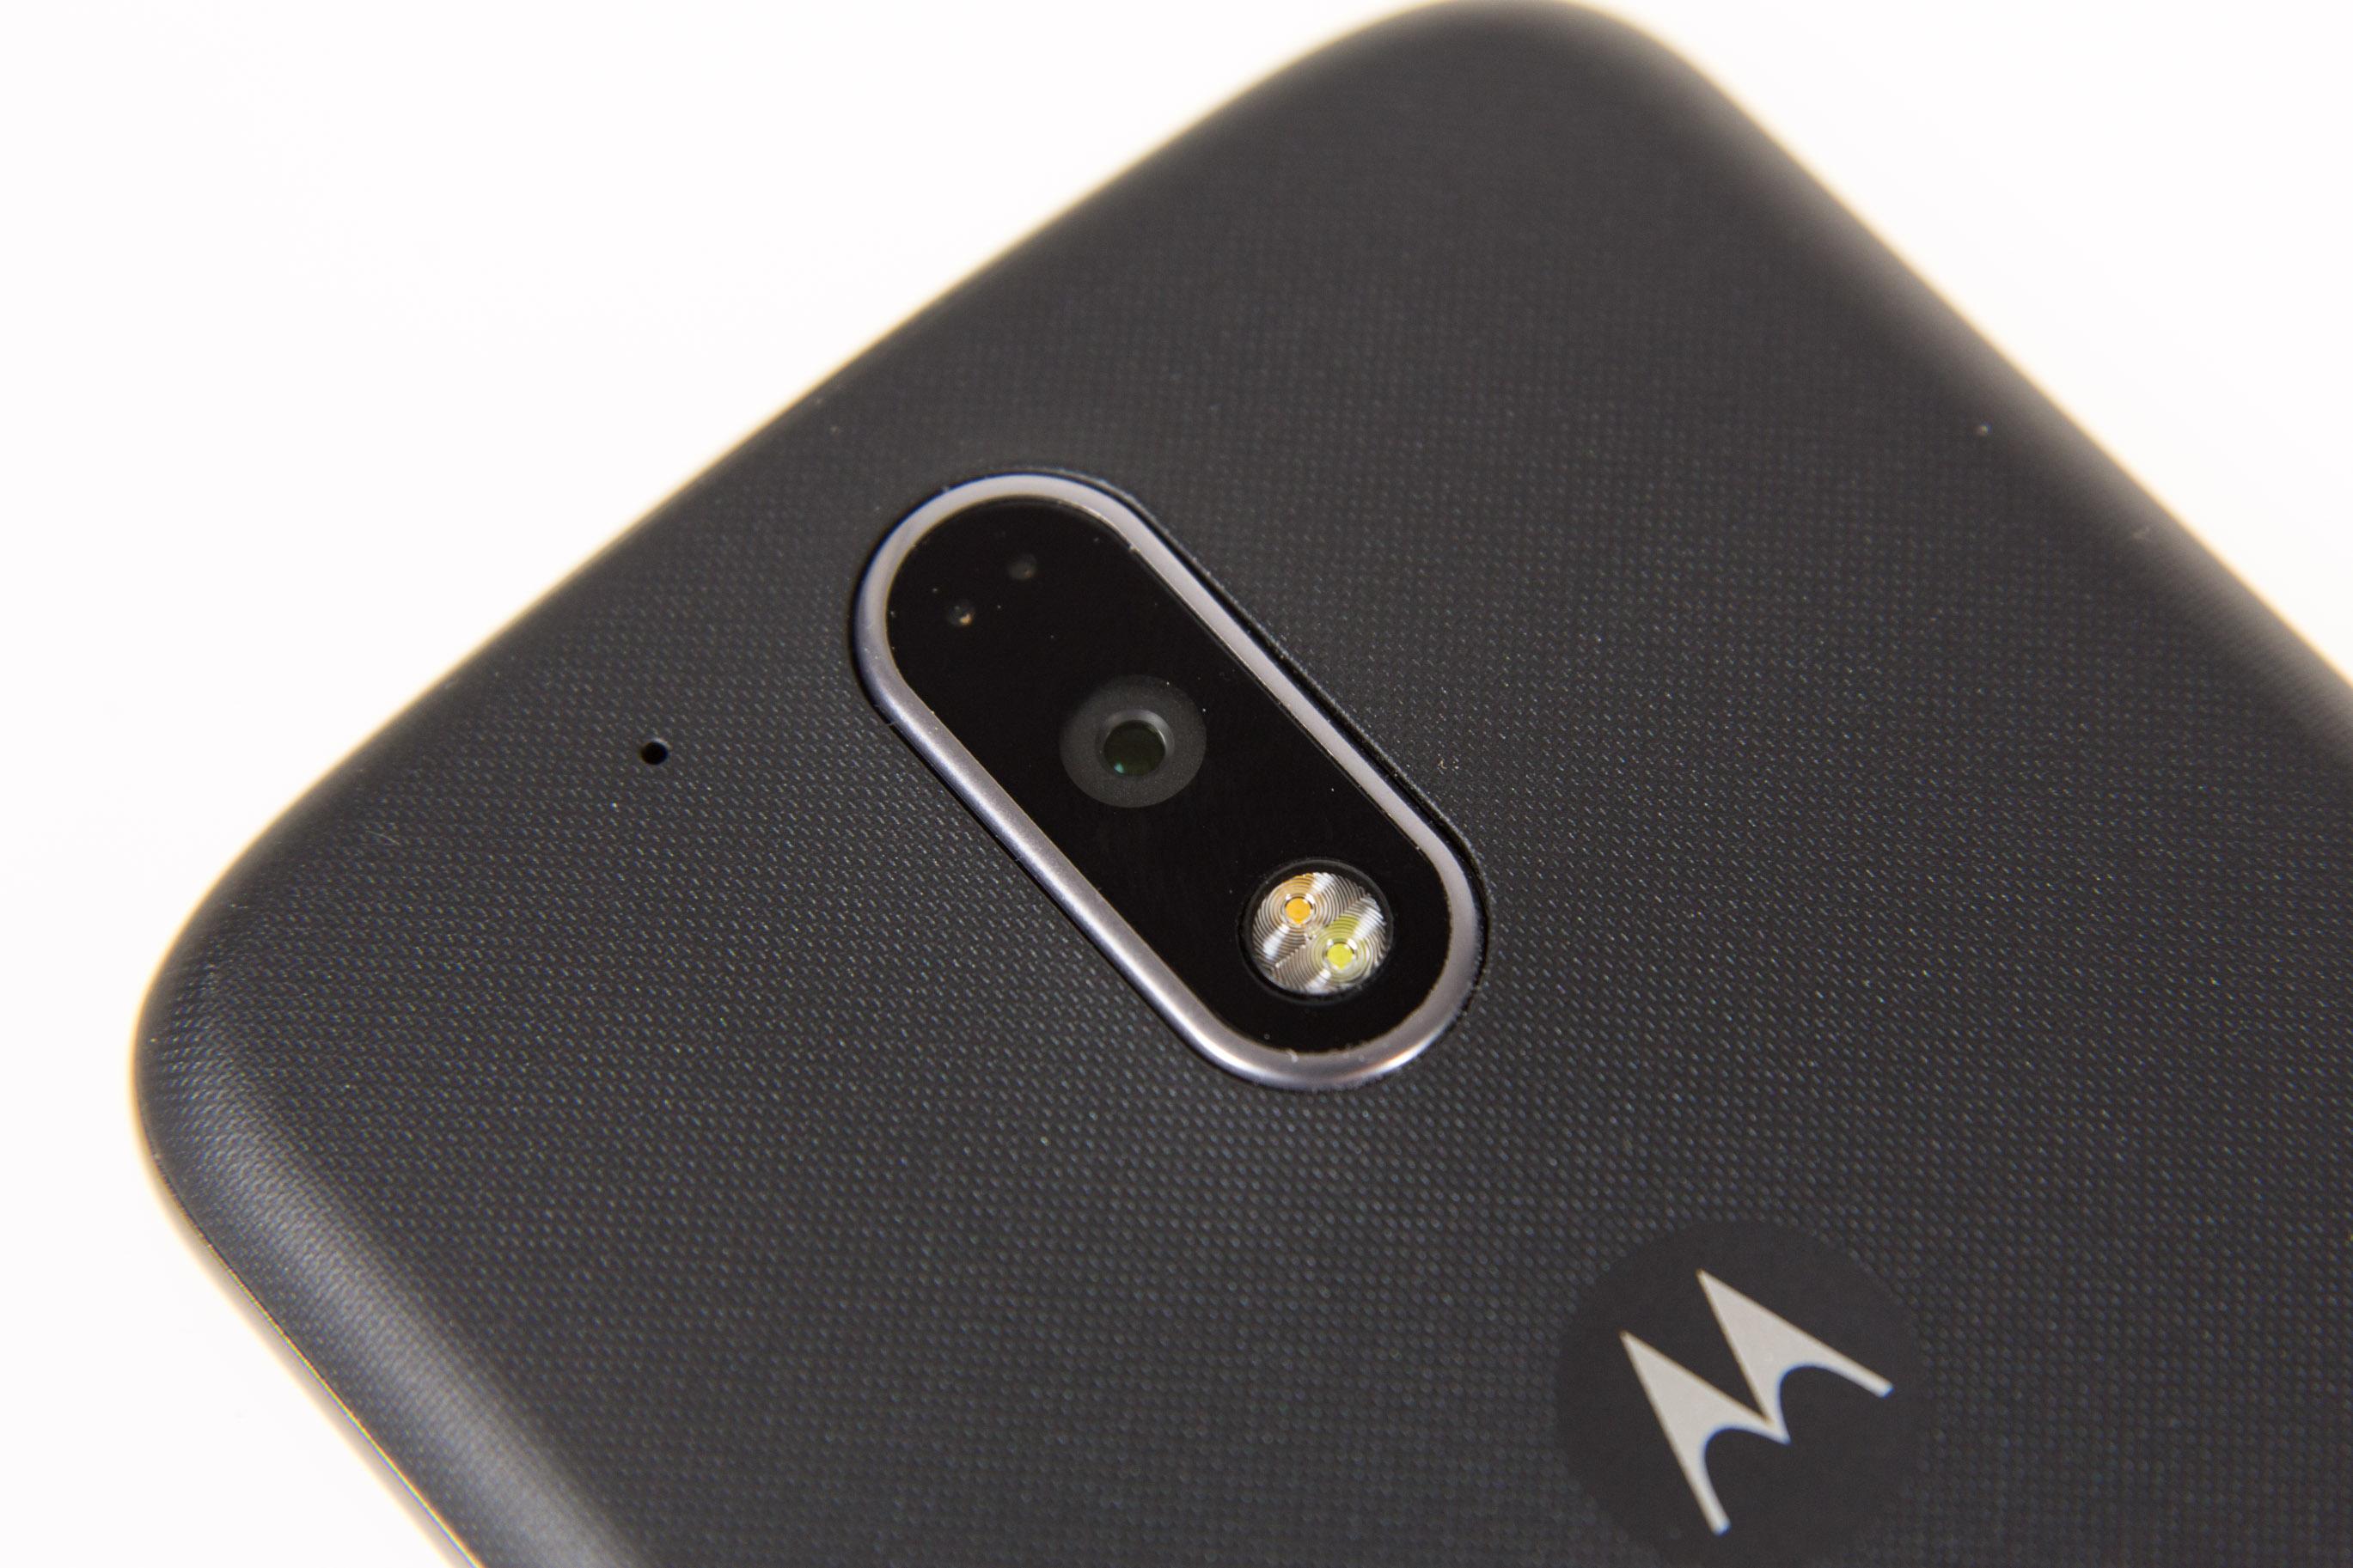 Moto G4 Plus im Hands on: Lenovos sonderbare Entscheidung - Kamera im Moto G4 Plus mit Laser-Autofokus (Bild: Martin Wolf/Golem.de)